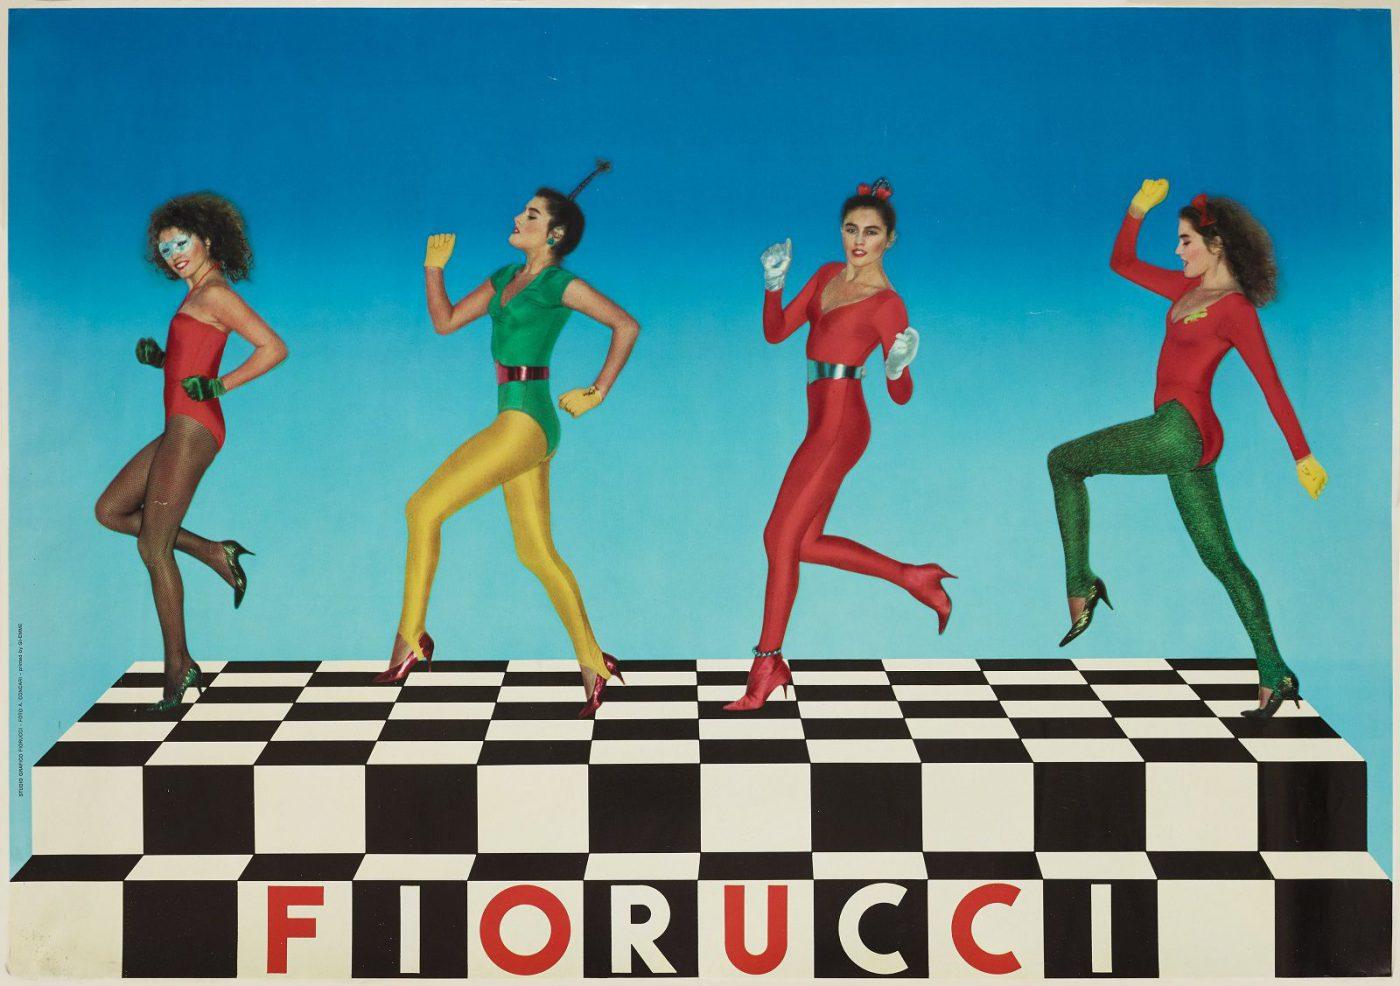 Elio Fiorucci Italian fashion designer